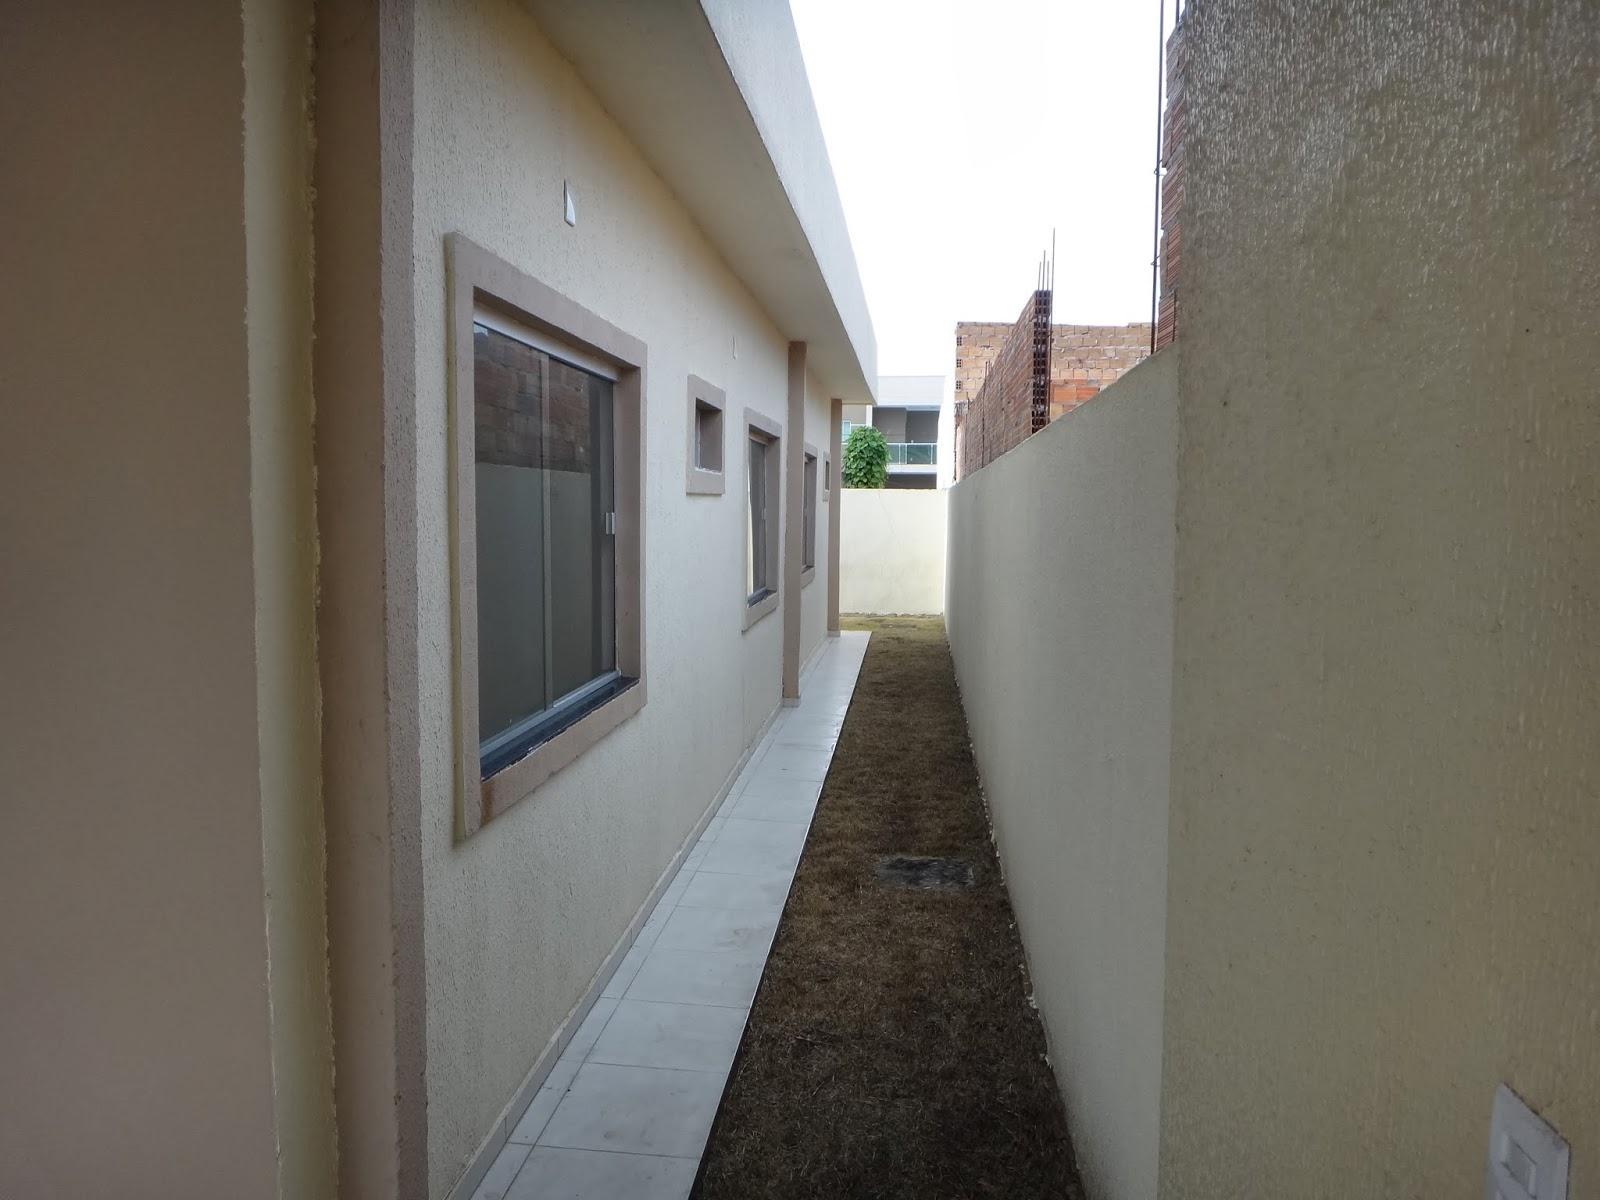 Jardim Espanha Vendo Casa T Rrea Pr Ximo Ao Clube Medindo Terreno